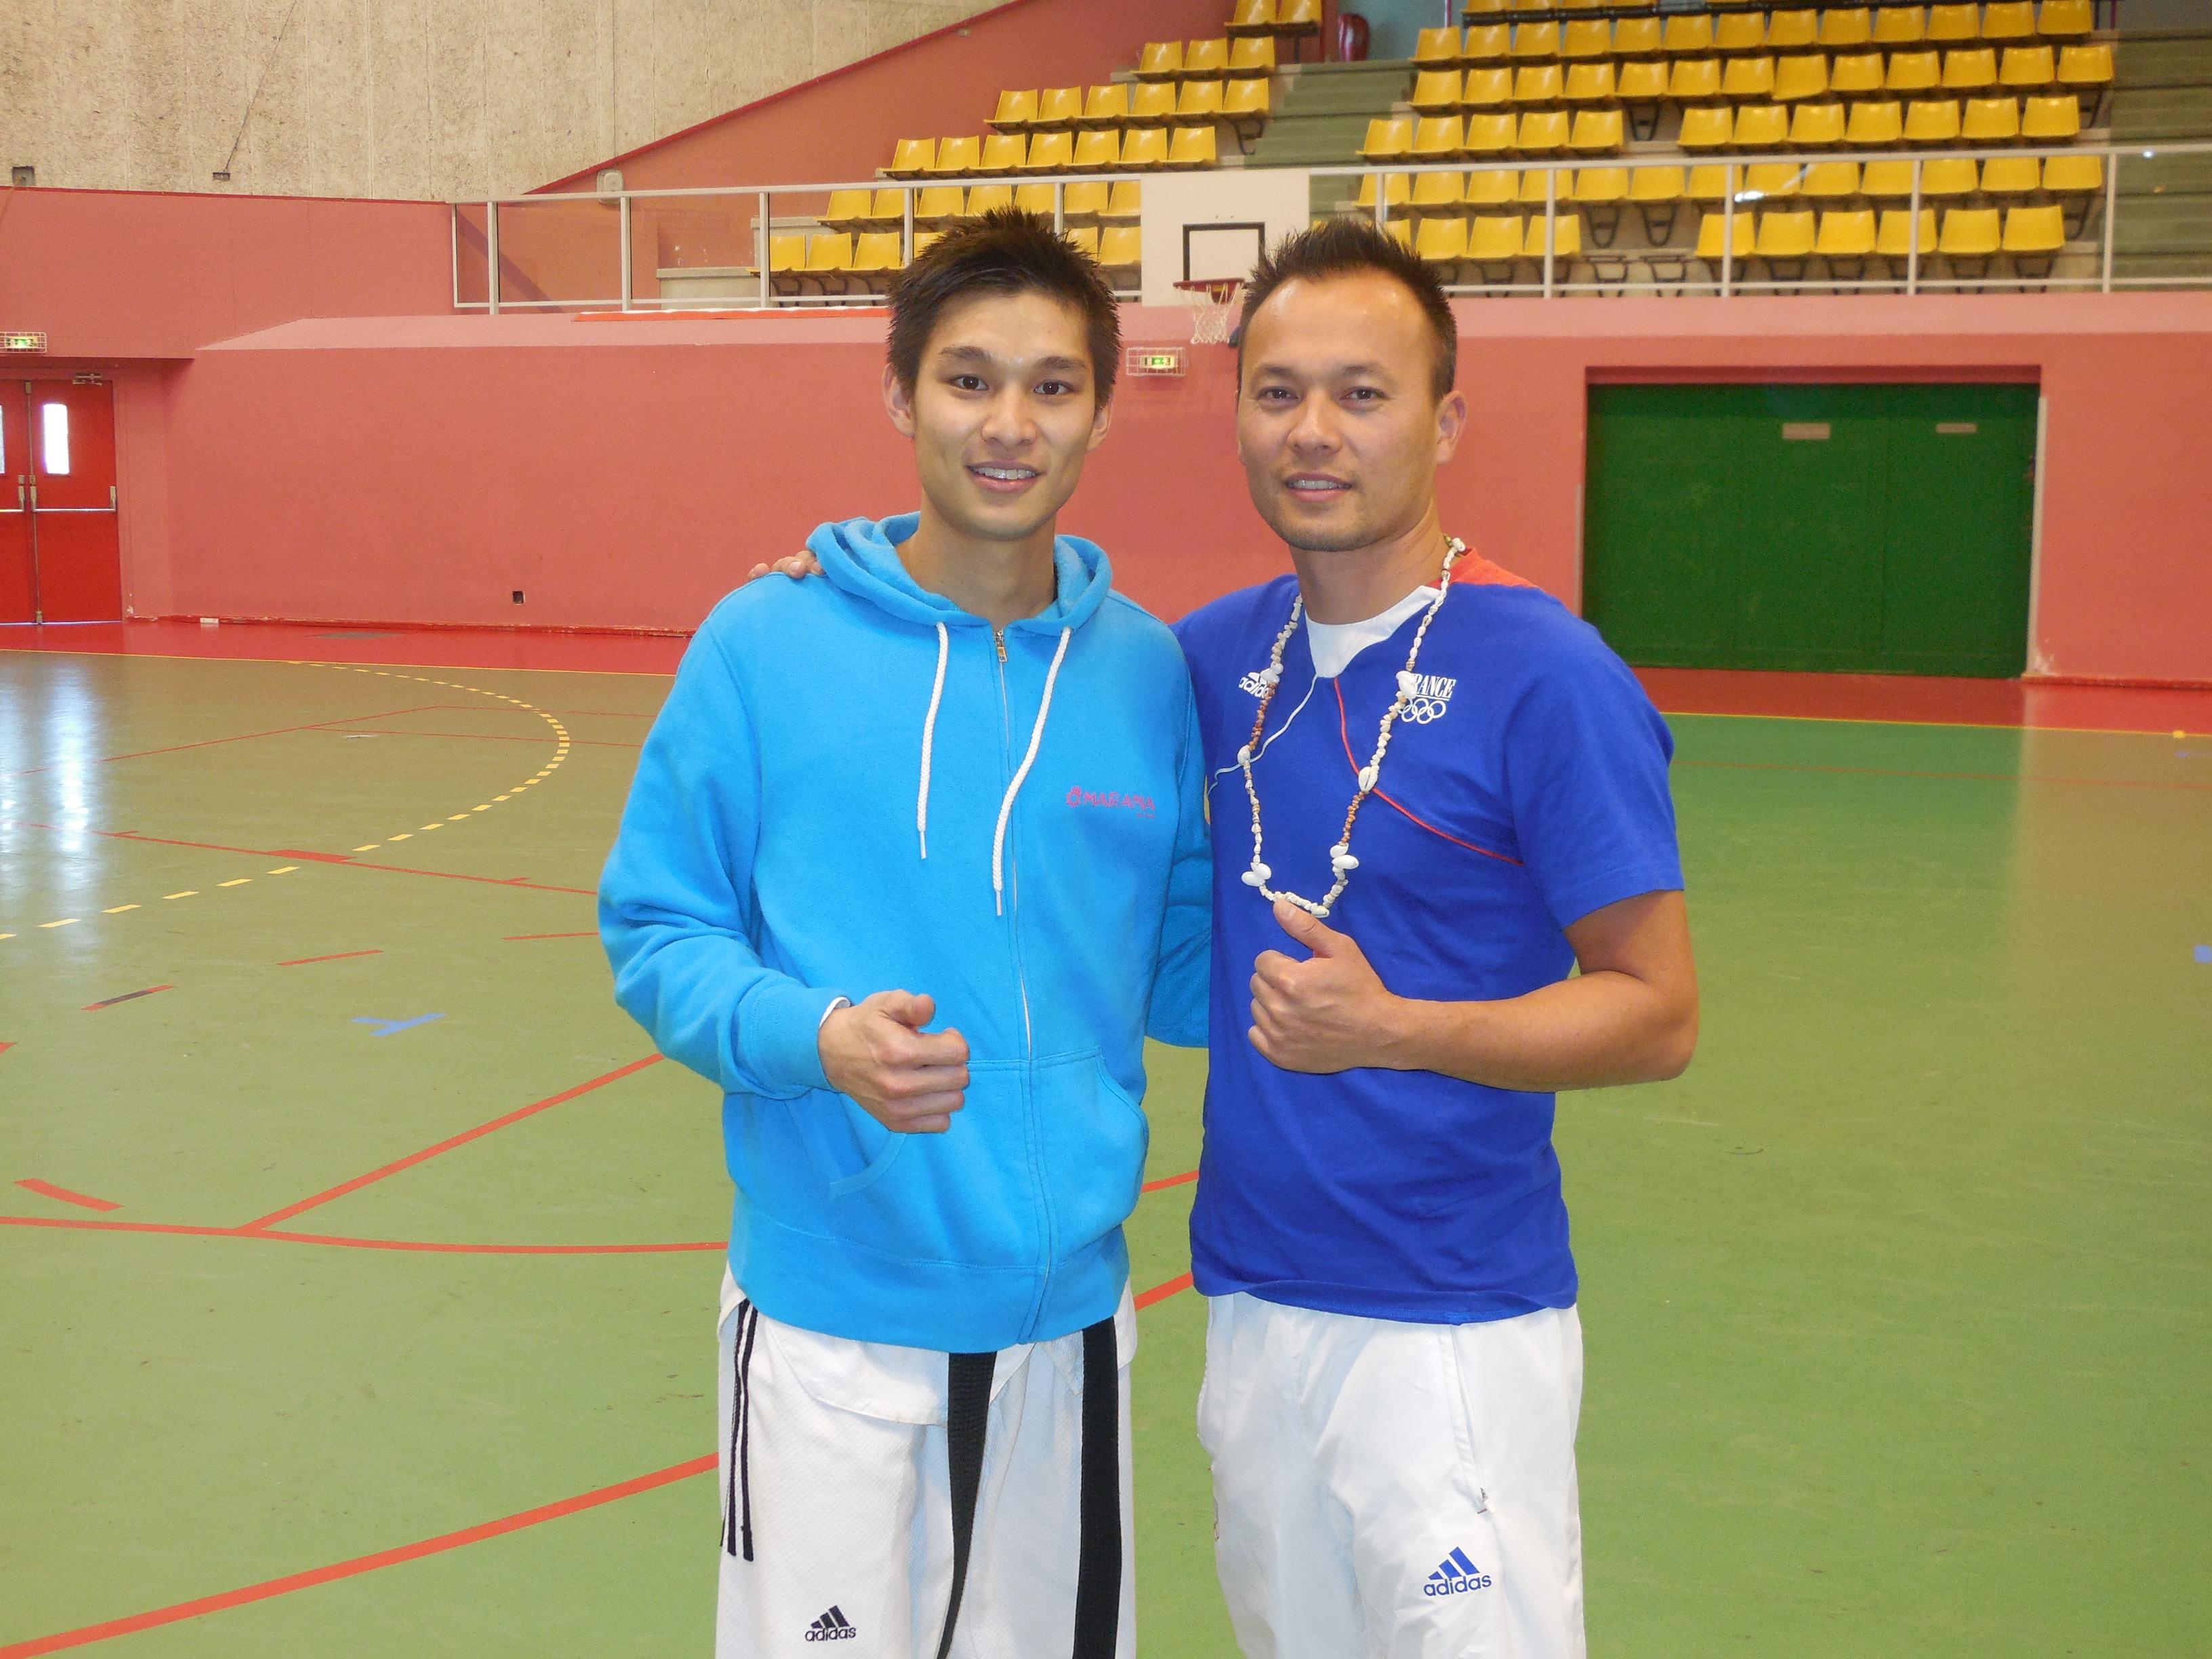 Teddy TENG en compagnie de Ludovic VO (Entraineur de l'Equipe de France Olympique de Taekwondo et double champion du Monde).